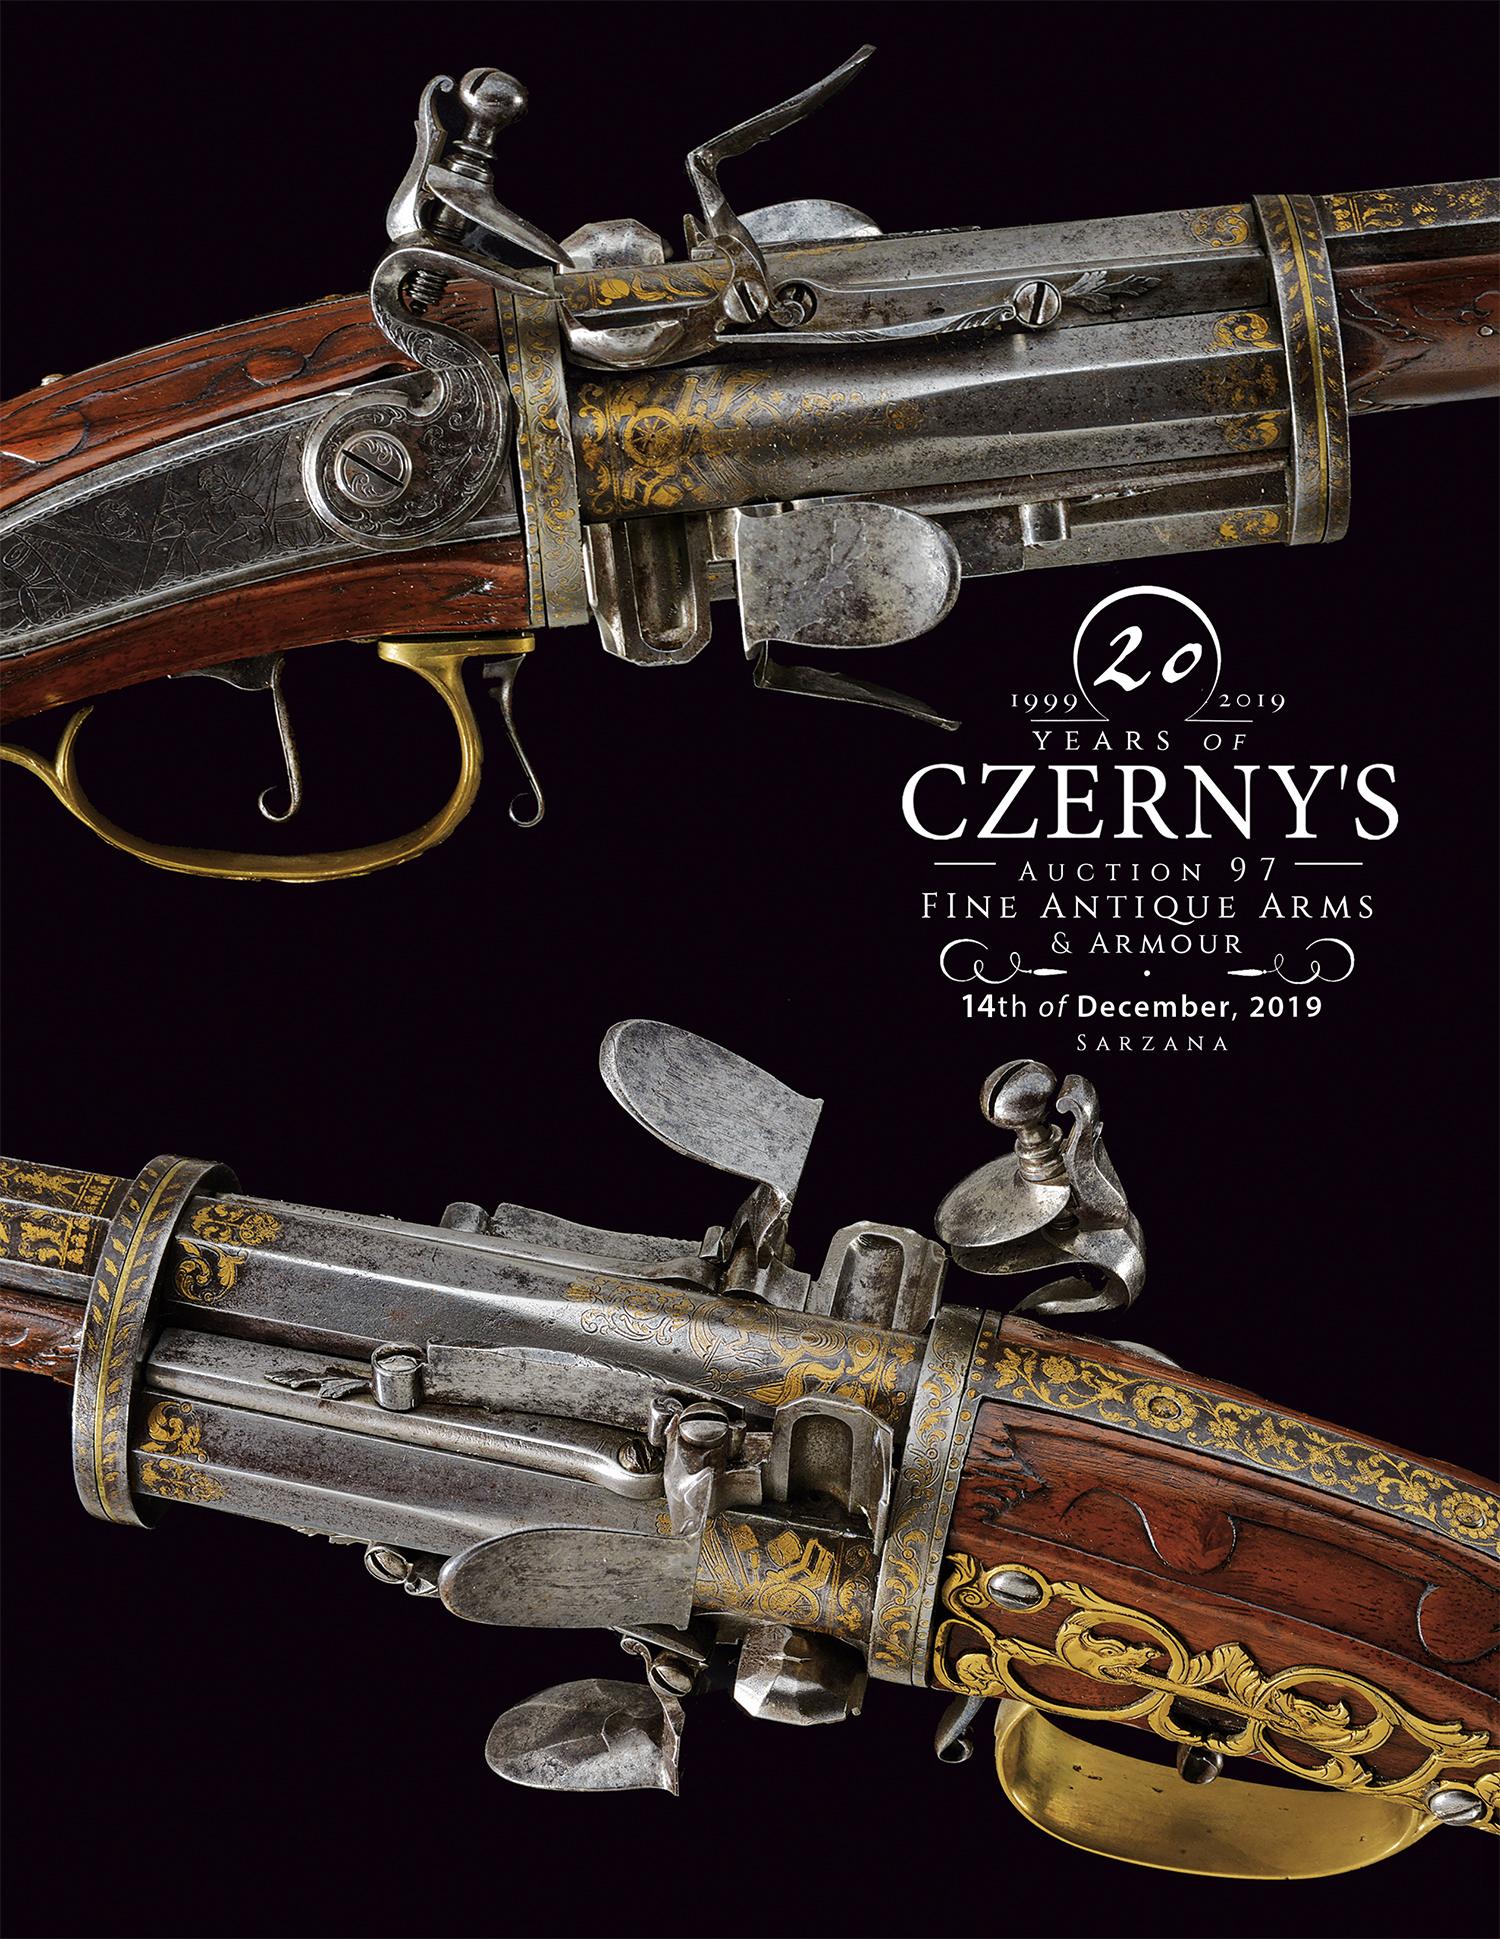 Vente Belles Armes Antiques & Armures chez Czerny's : 1025 lots